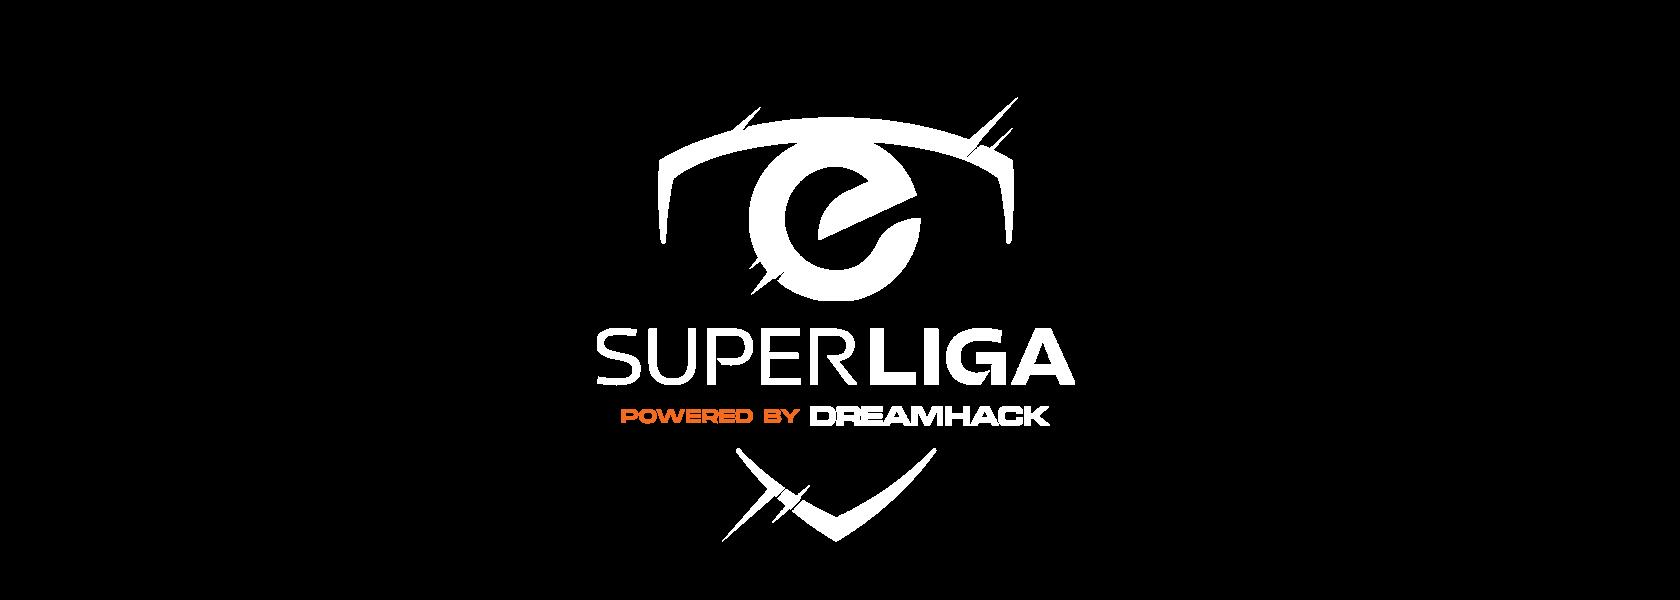 Danmarks bedste fodboldklubber skal dyste i esport: Byd velkommen til eSuperliga!